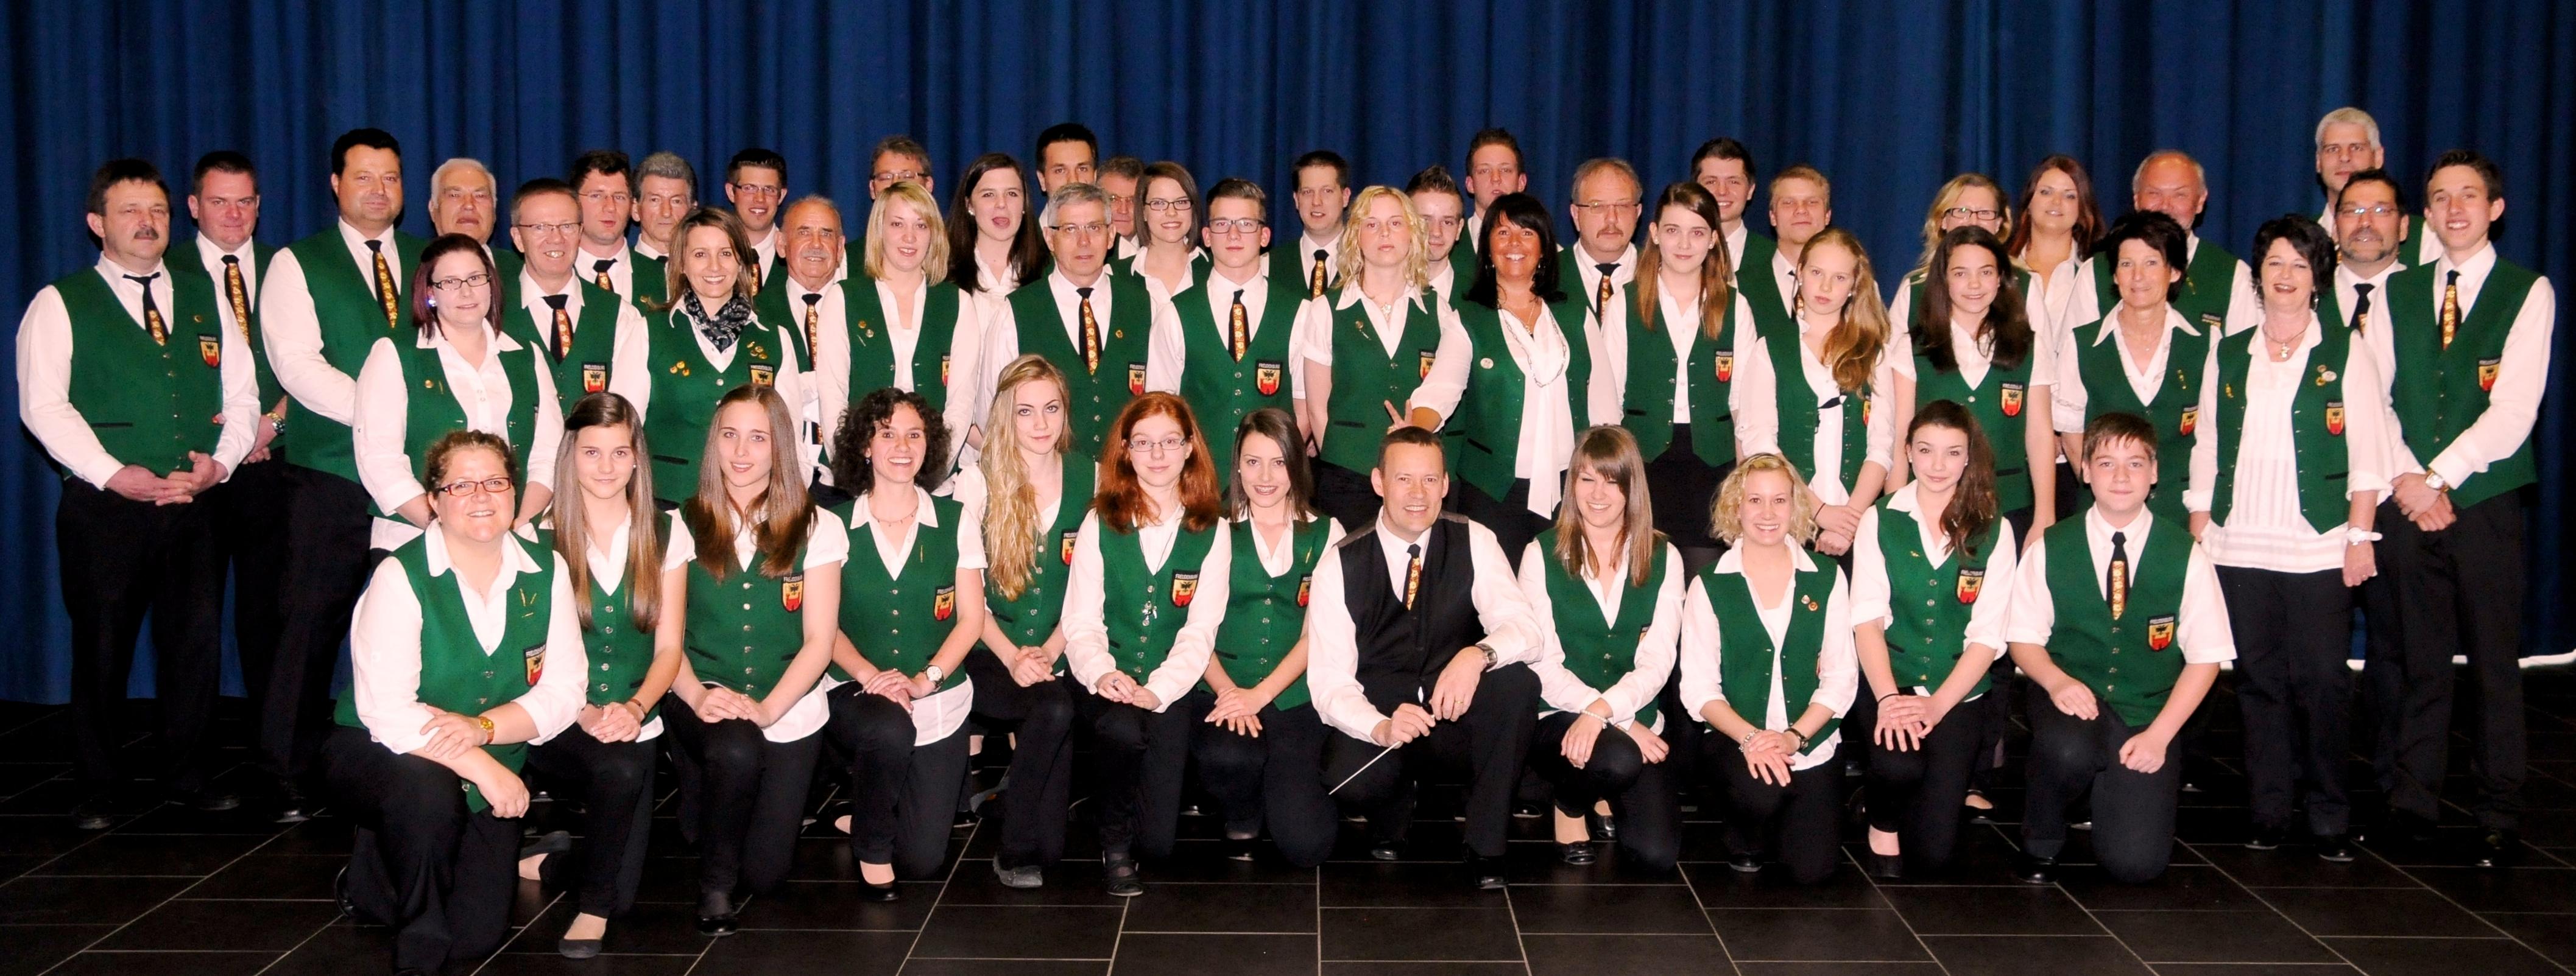 Gruppenbild des Musikvereins Freudenburg beim Jubiläumskonzert 2013 im Cloef-Atrium Orscholz